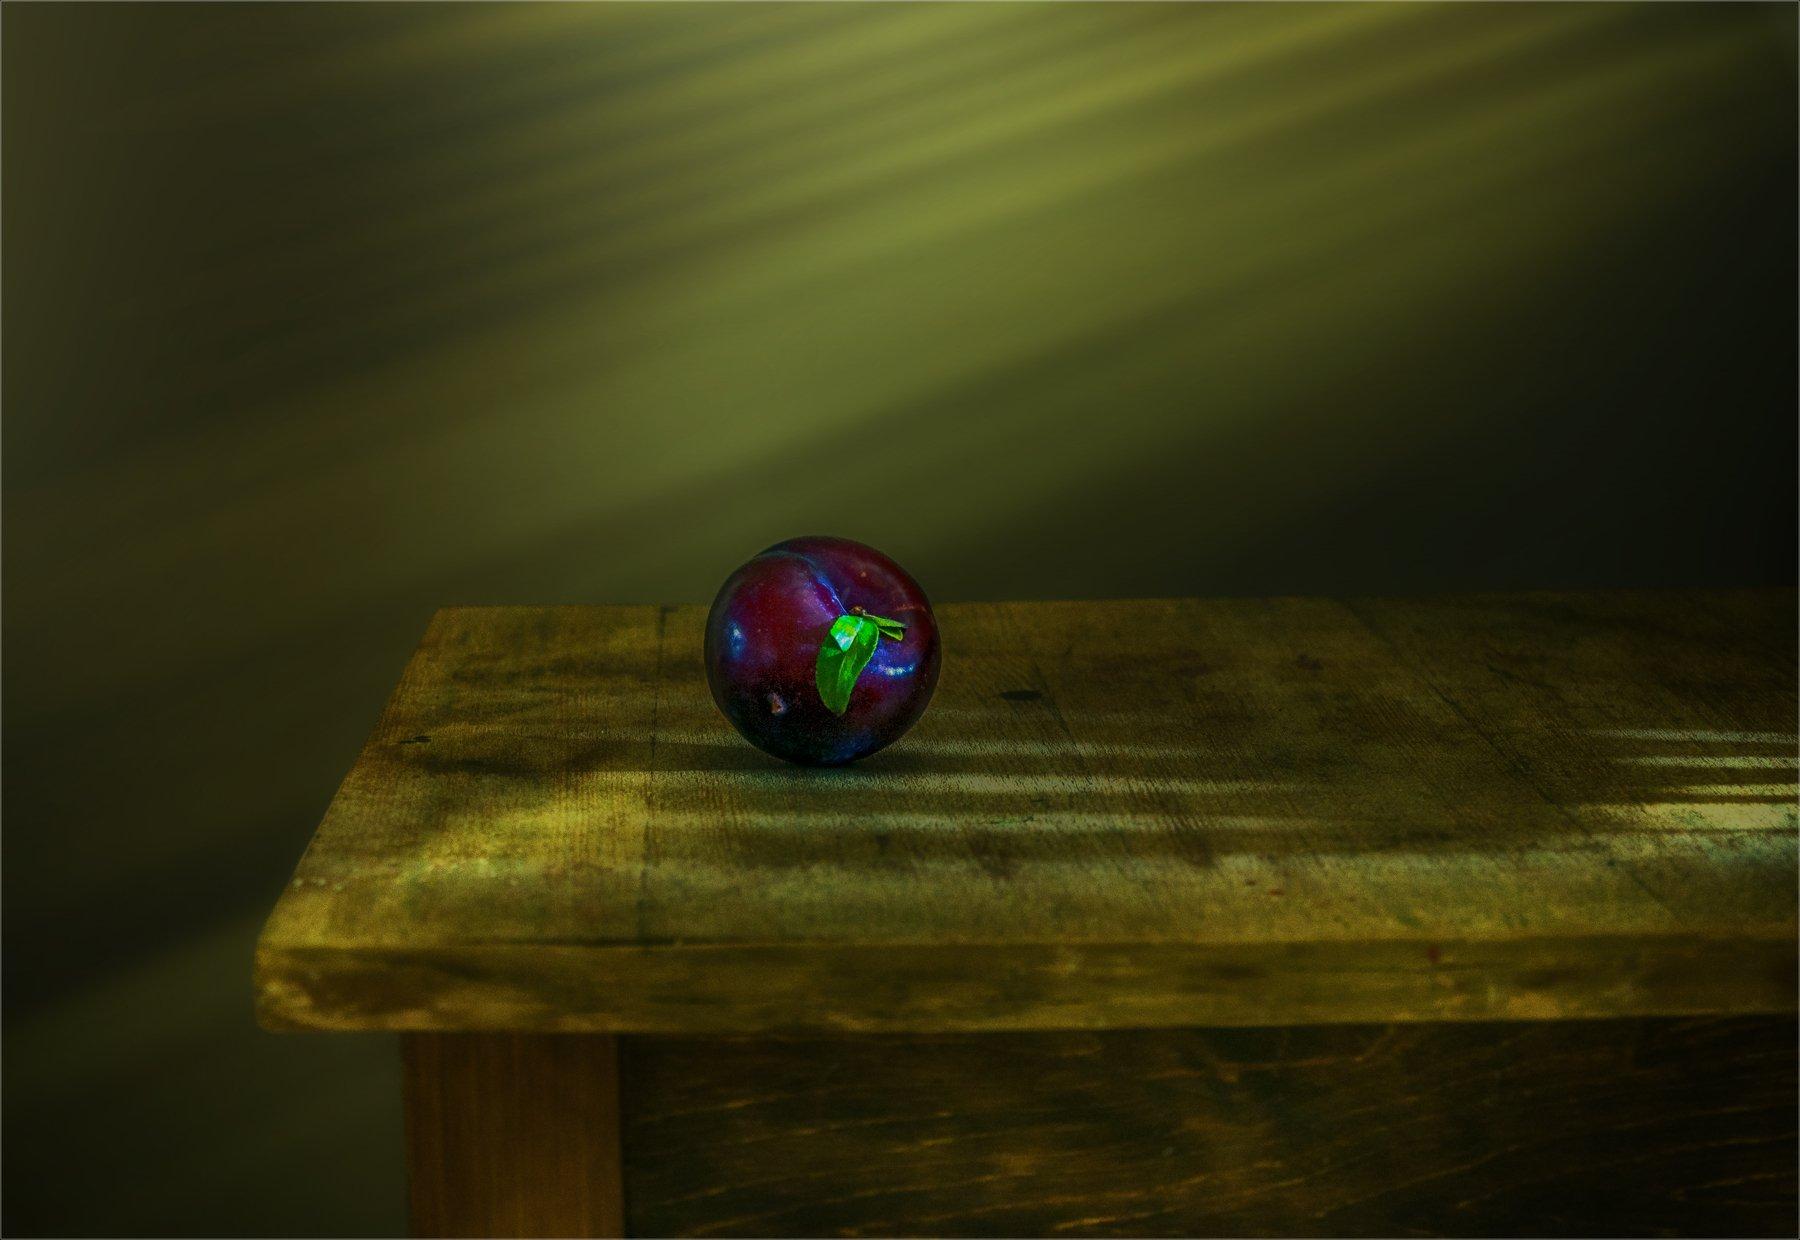 still life, натюрморт,   винтаж, минимализм, слива, фрукты, солнечный свет, солнечные лучи, Михаил MSH